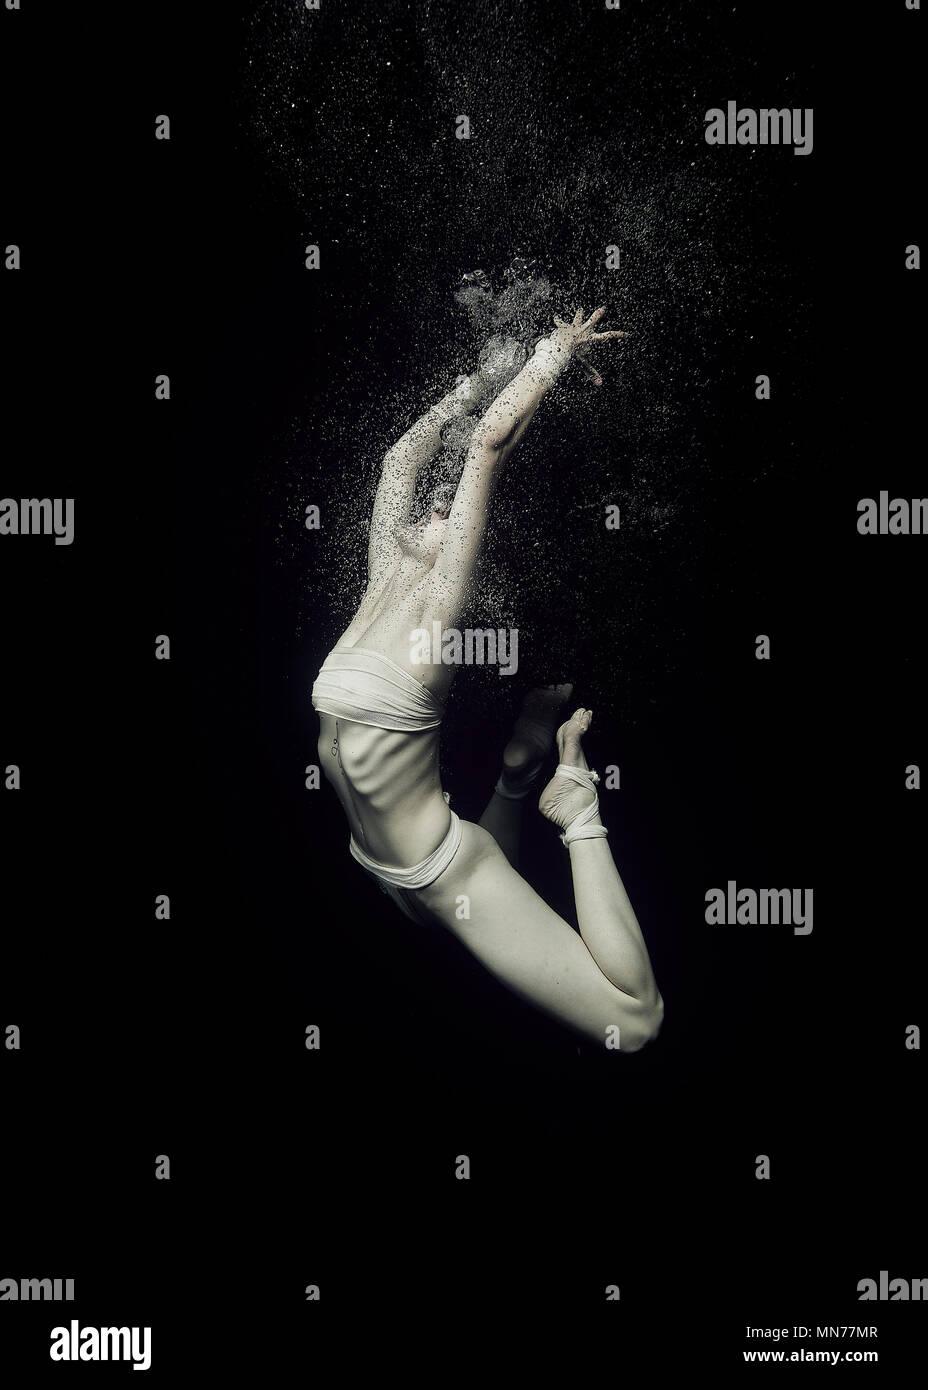 Immerso in un oceano di depressione Immagini Stock